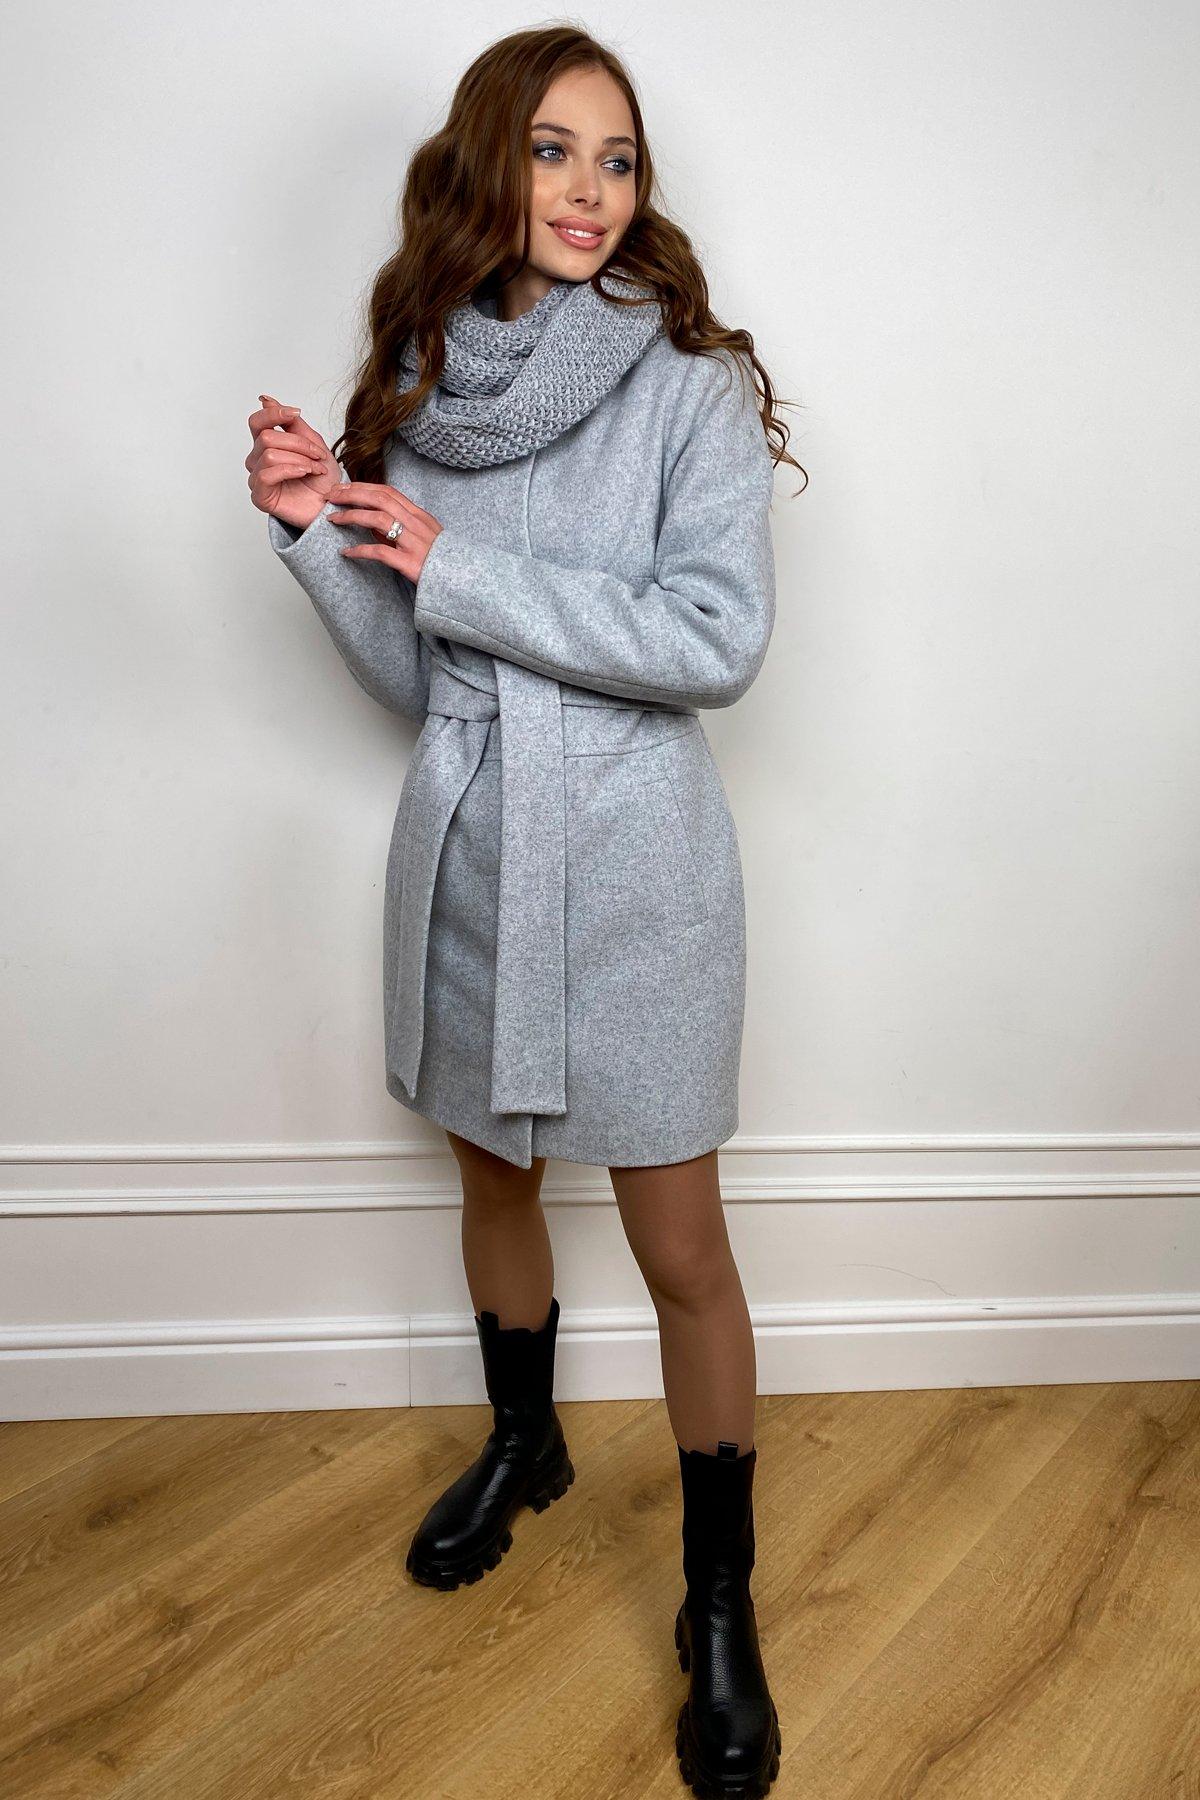 Пальто женское зимнее Габи 8295 с шарфом-трубой АРТ. 44406 Цвет: Серый Светлый 33 - фото 4, интернет магазин tm-modus.ru